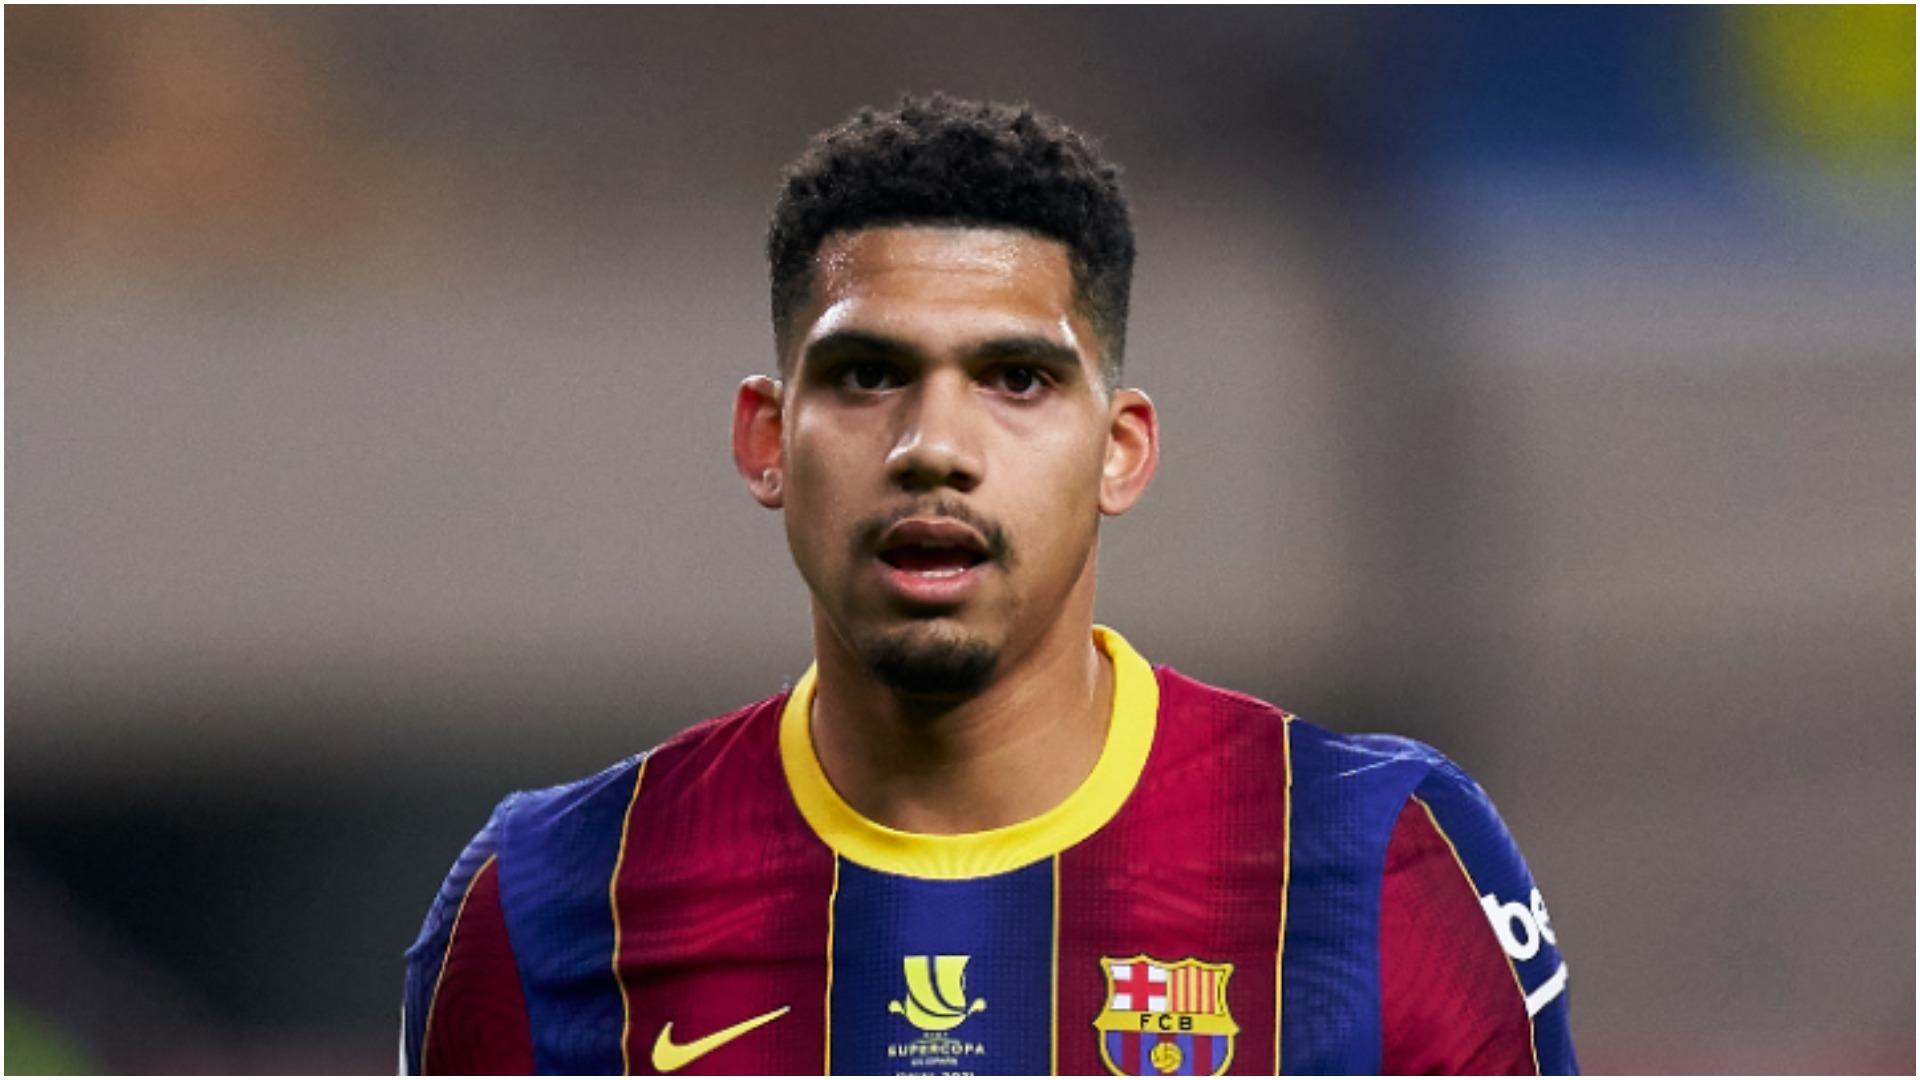 Barcelona stalwart Pique inspiring Araujo